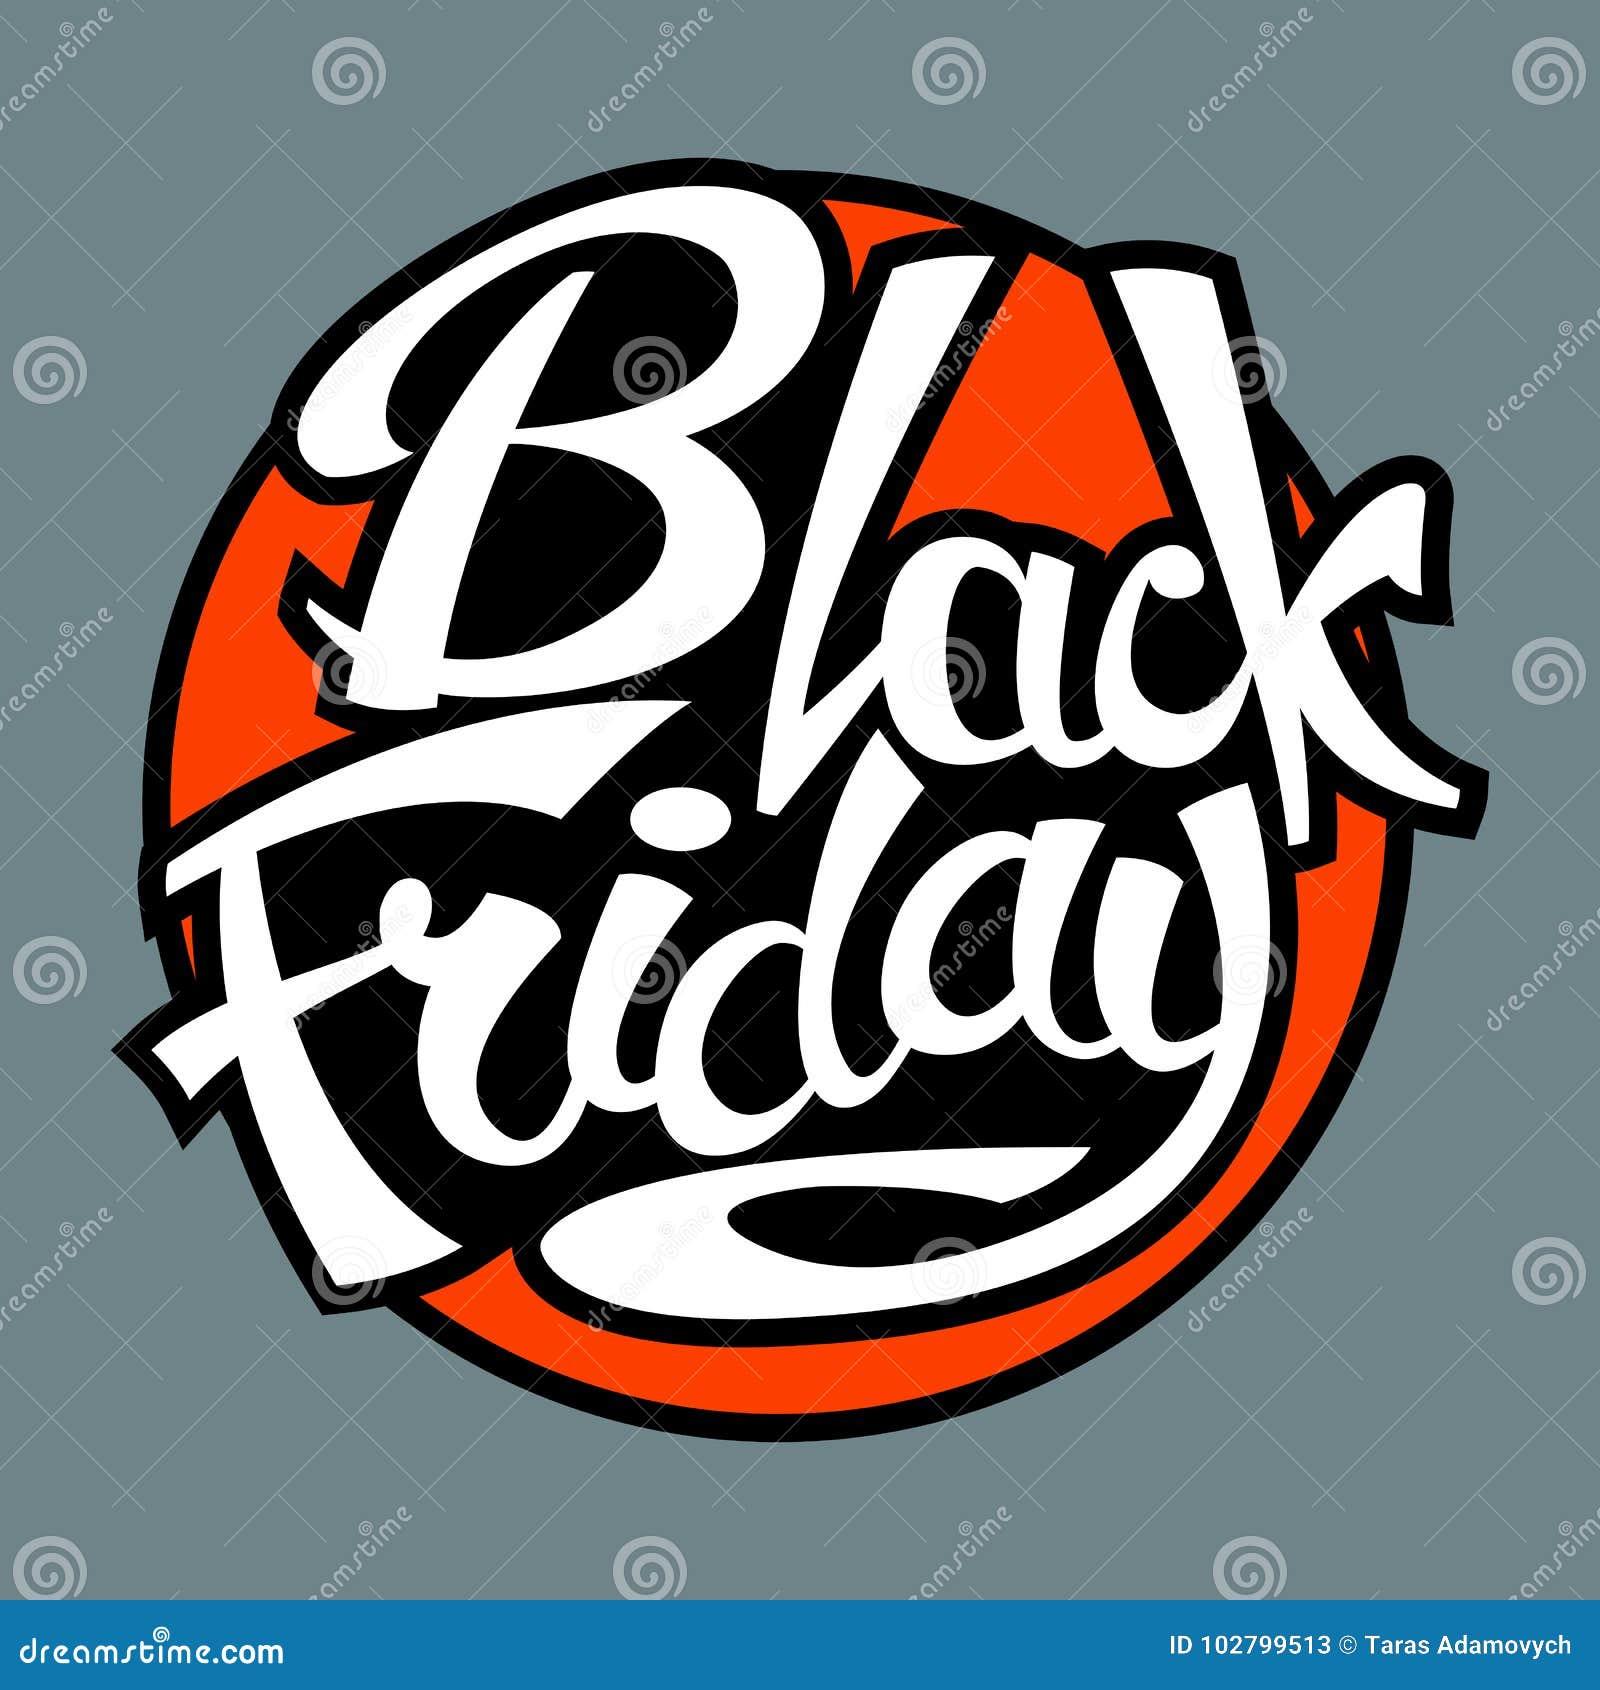 Black Friday-de vector vlakke illustratie van de verkoopmarkering